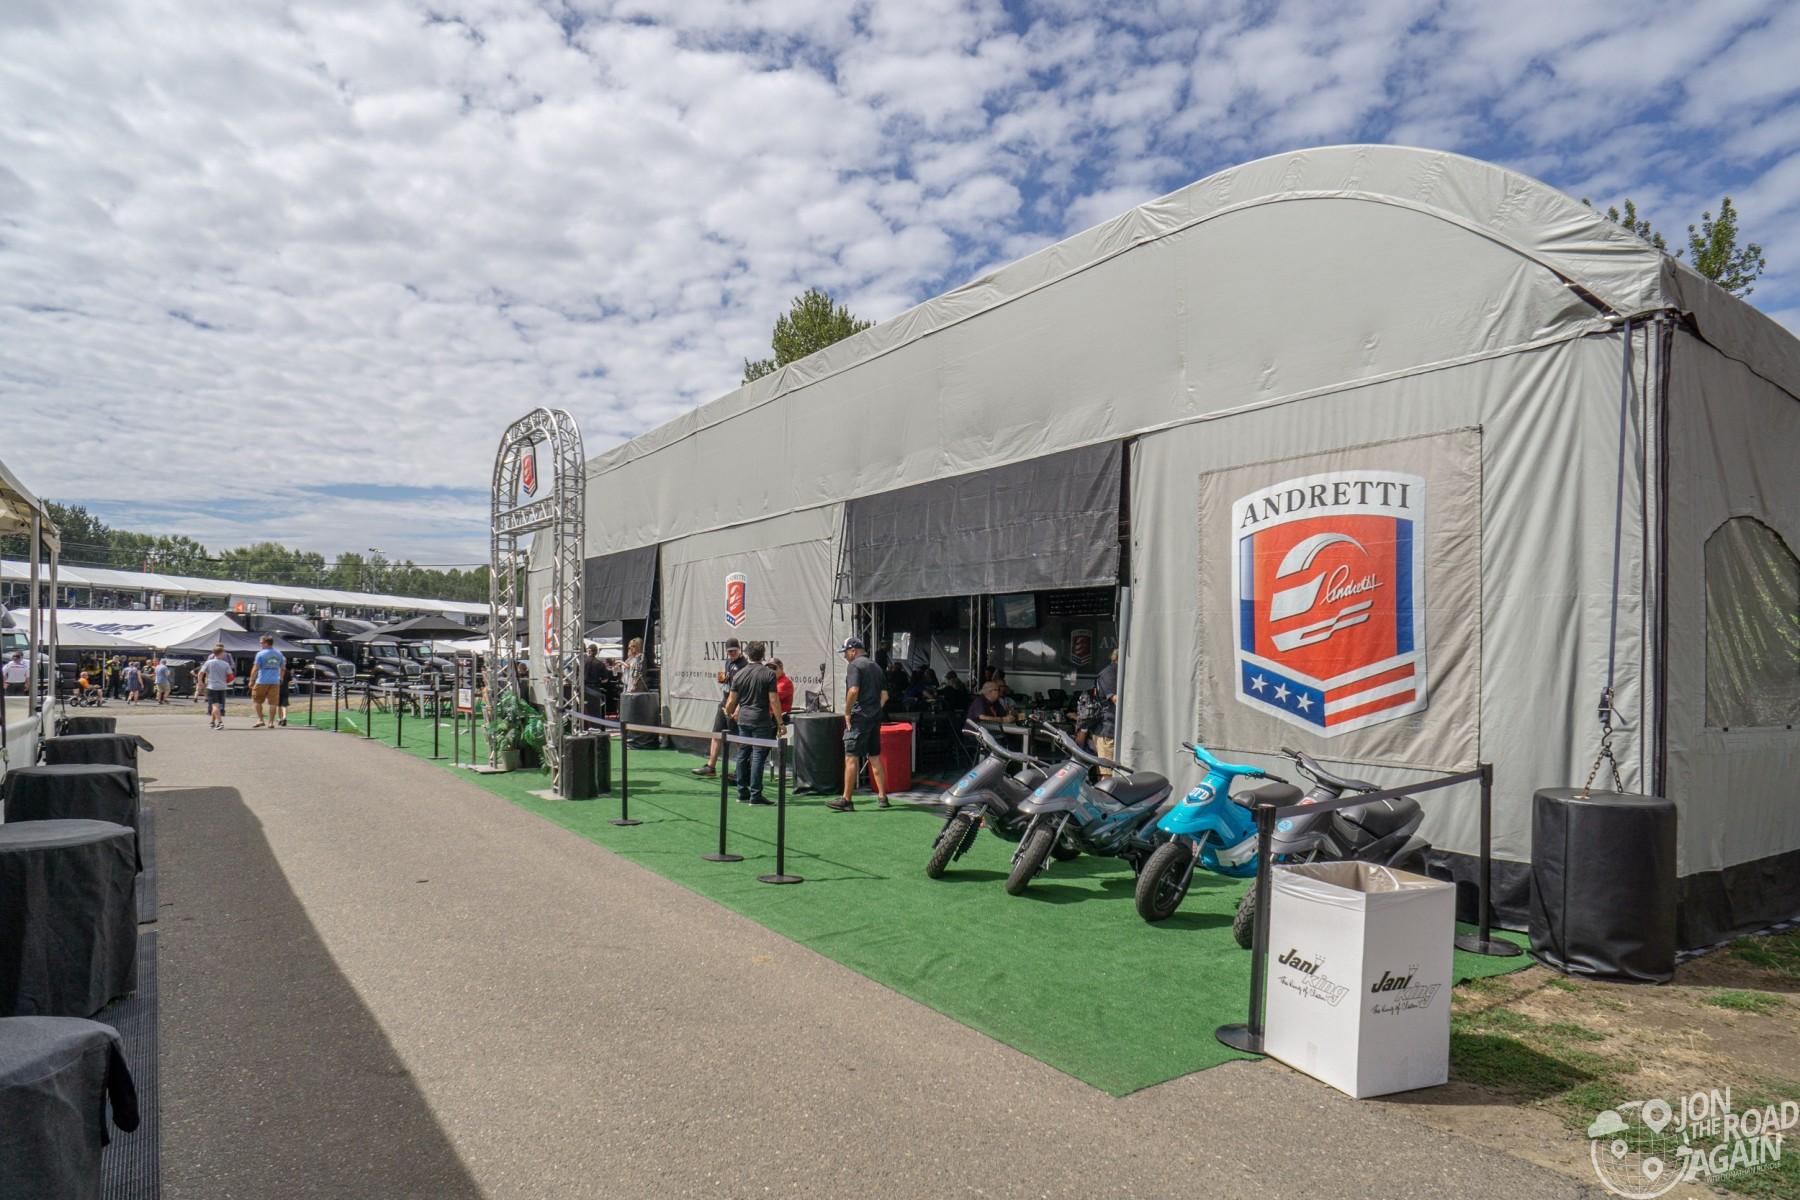 Andretti Autosports Tent